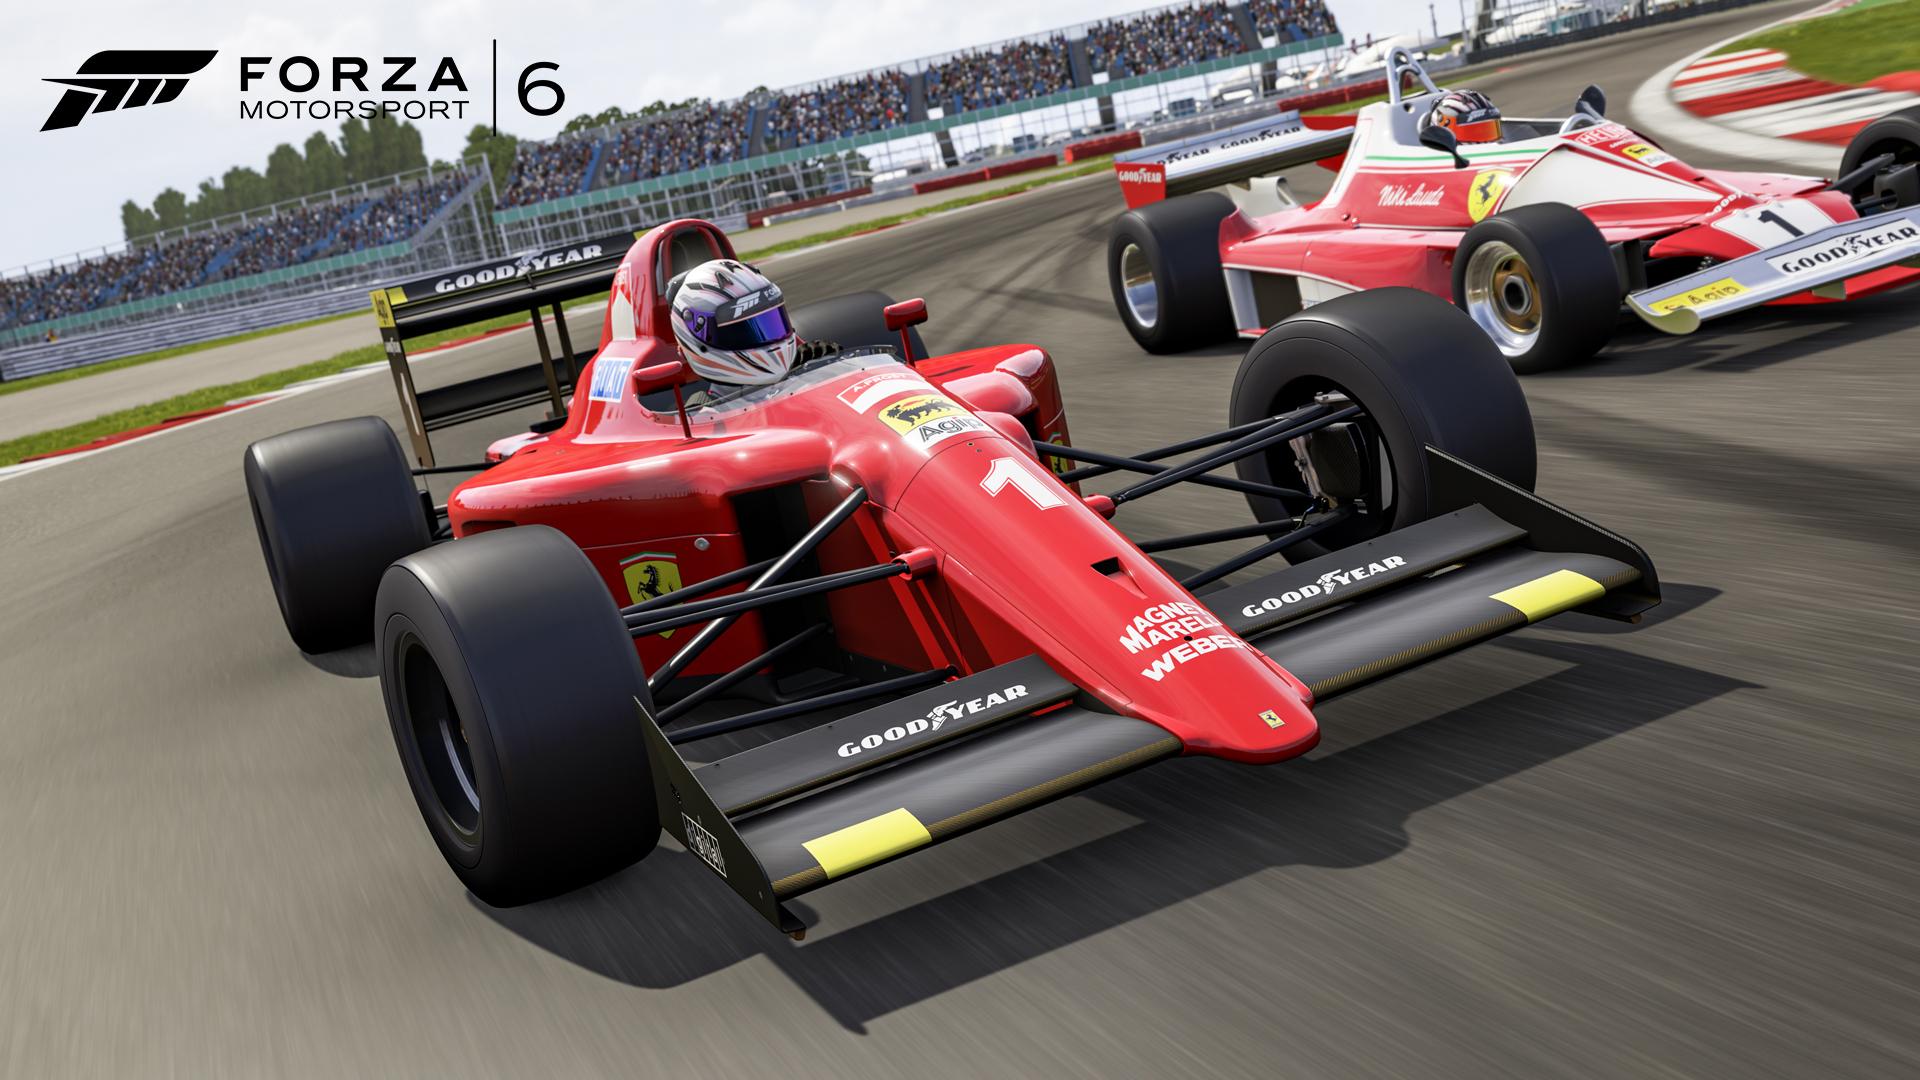 Ferrari 1 Scuderia 641